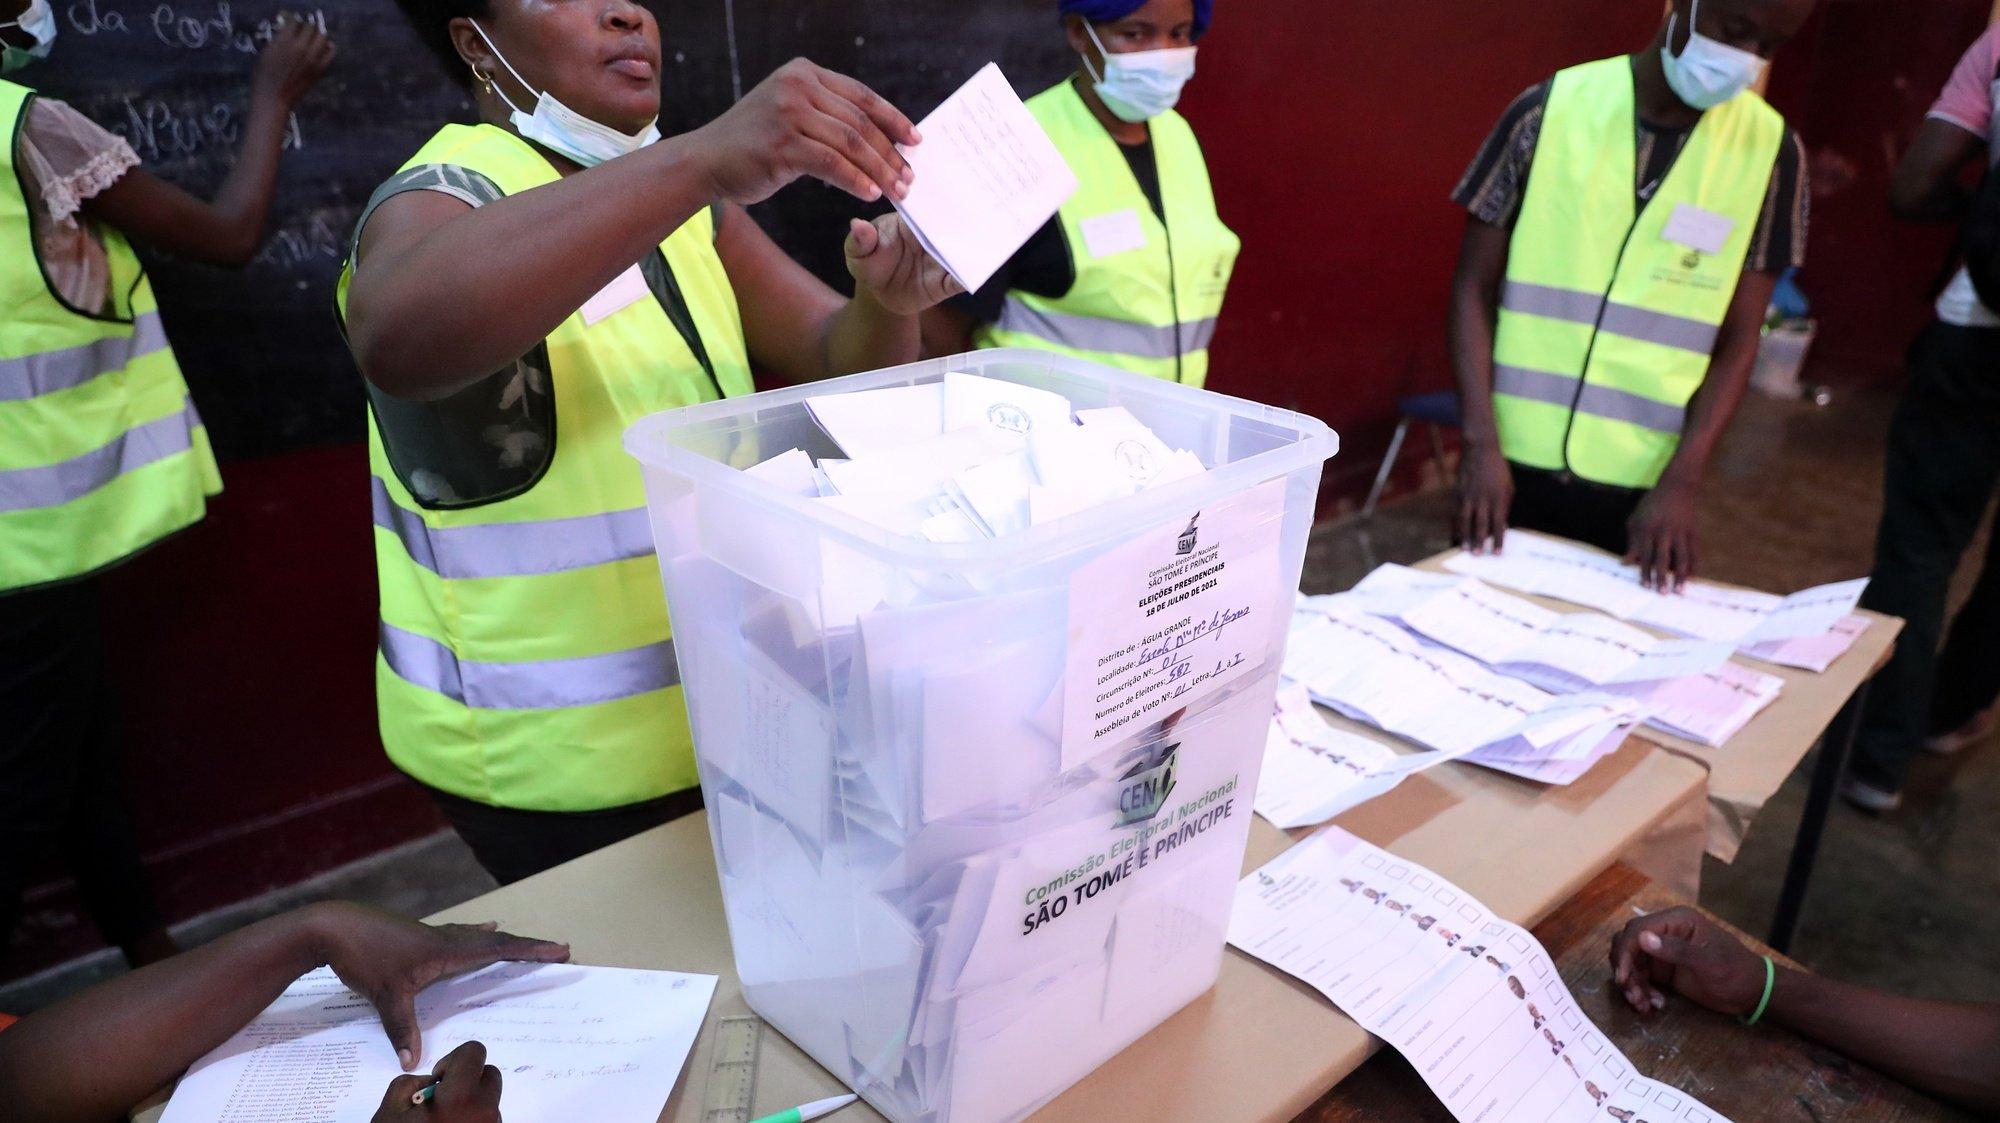 Elementos de uma secção eleitoral contam os votos no início do escrutínio eleitoral, durante as eleições presidenciais em São Tomé e Príncipe, em São Tomé, 18 de julho de 2021. NUNO VEIGA/LUSA